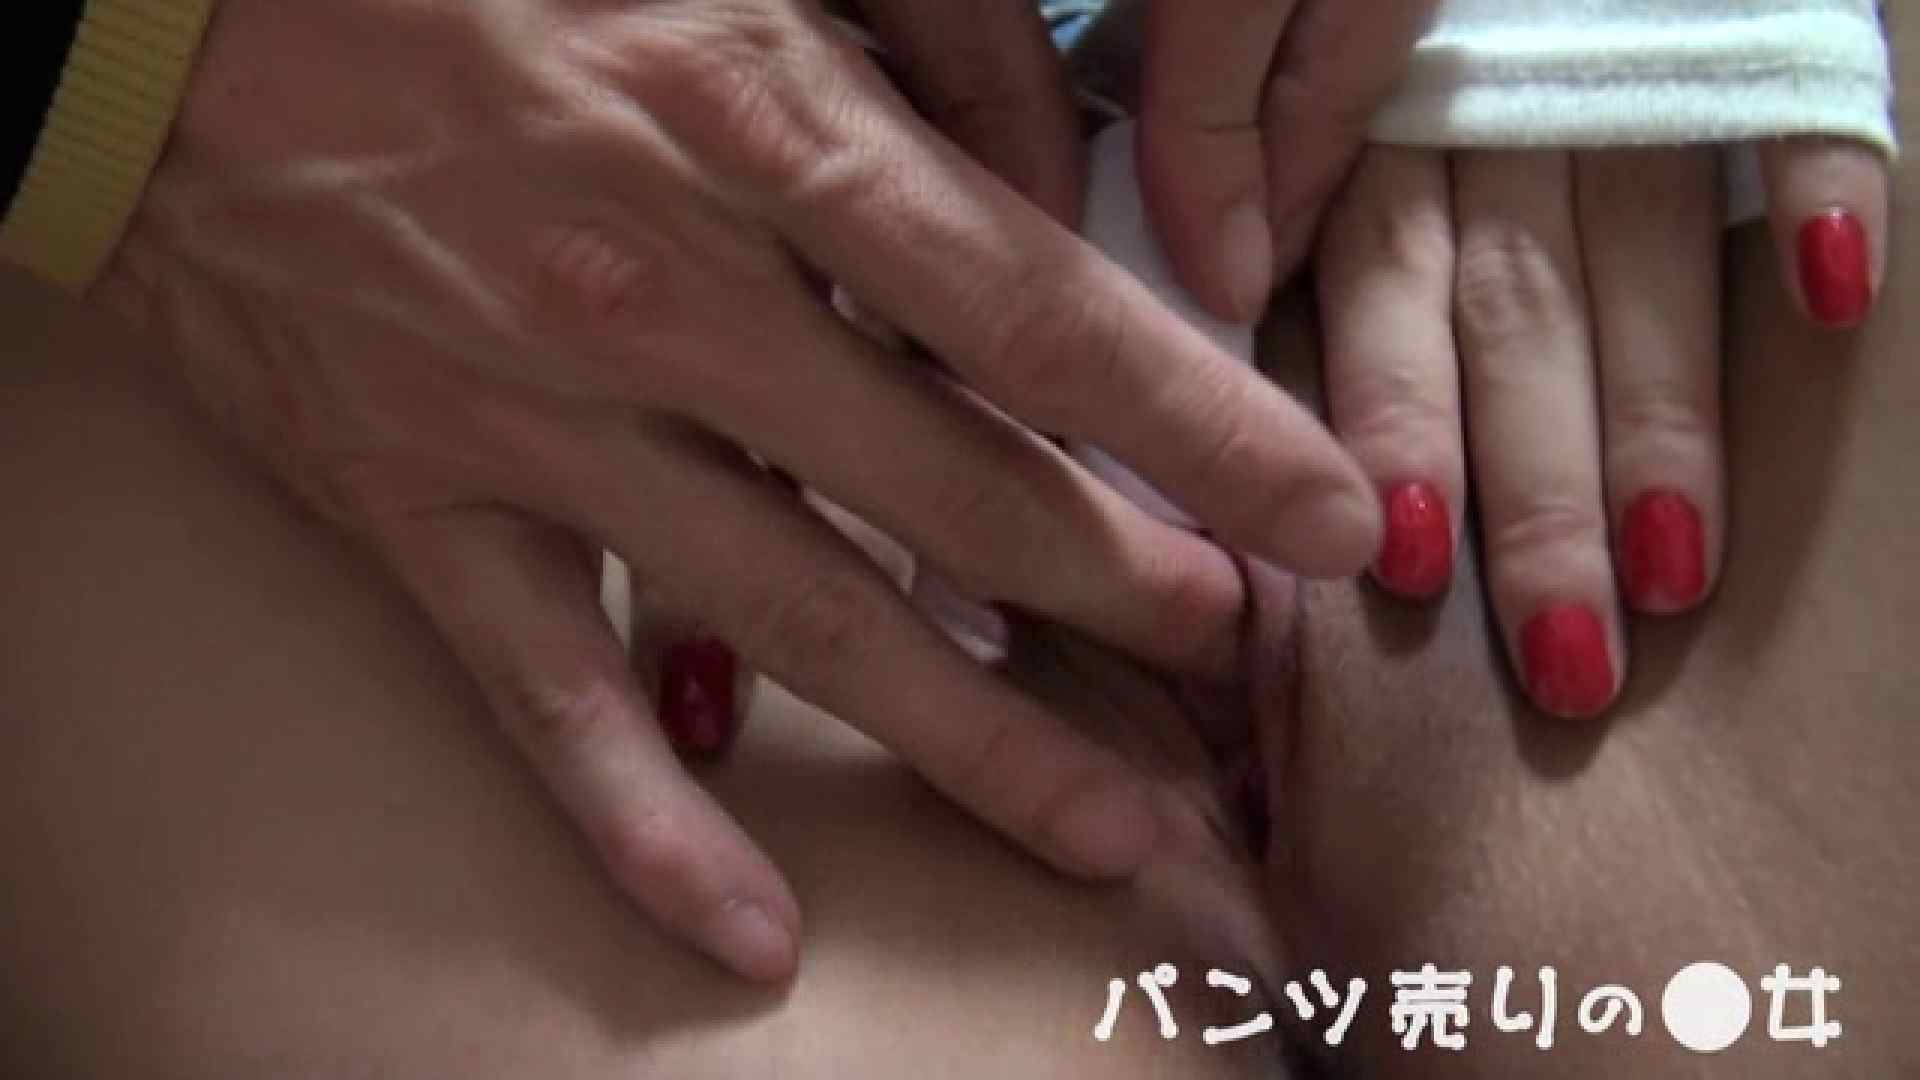 新説 パンツ売りの女の子mizuki02 覗き | 特撮オマンコ  98連発 97